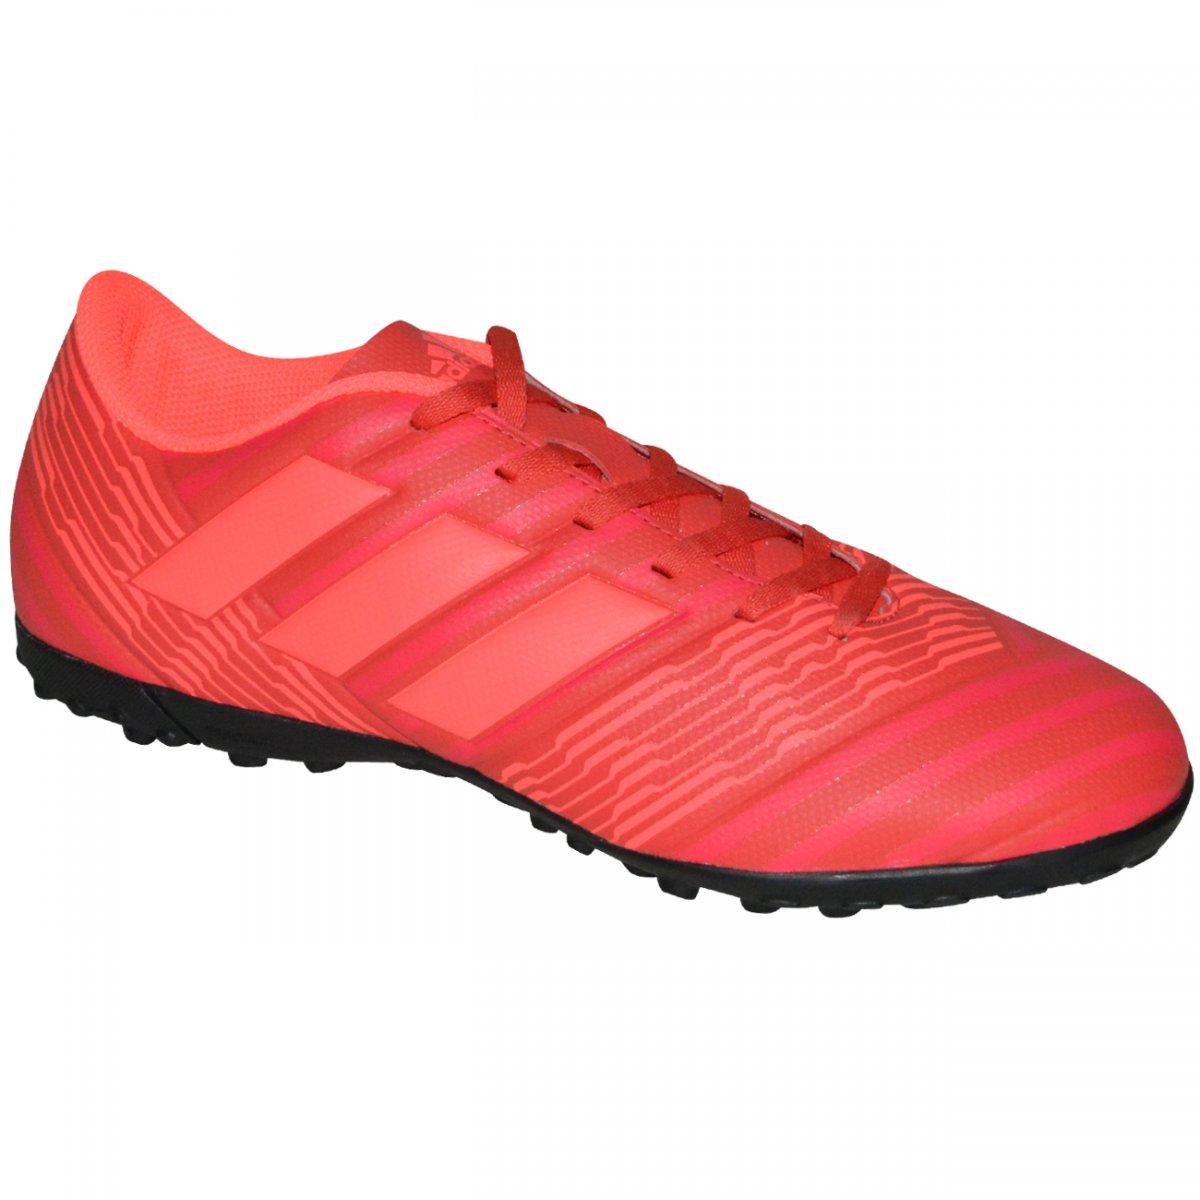 10963034b85b2 Chuteira Society Adidas Nemeziz Tango 17.4 CP9060 - Vermelho/coral -  Chuteira Nike, Adidas. Sandalias Femininas. Sandy Calçados